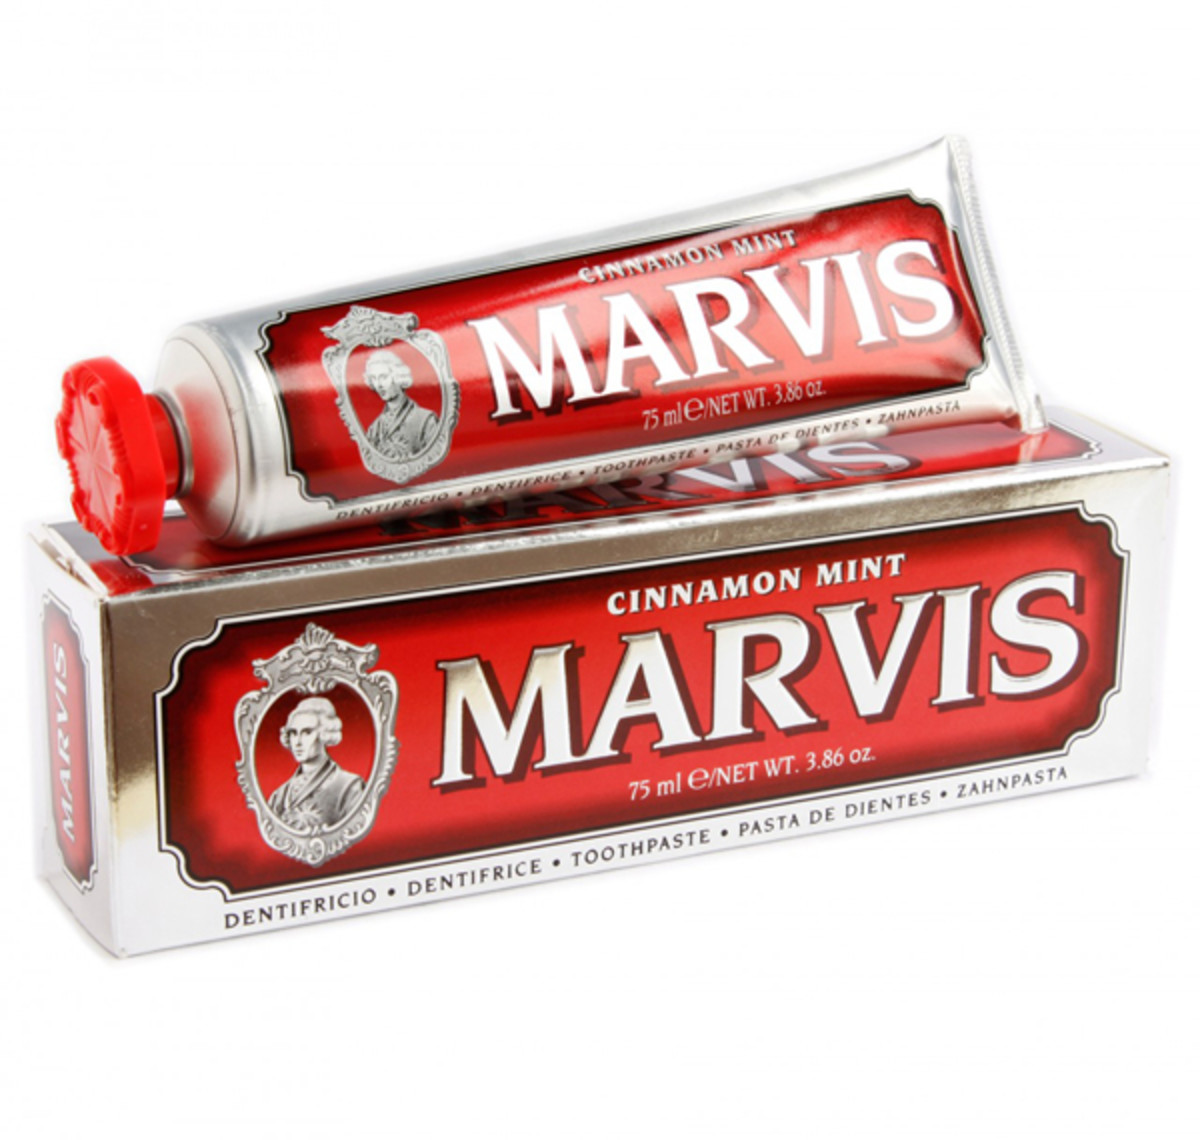 Marvis-Cinnamon-Mint-toothpaste